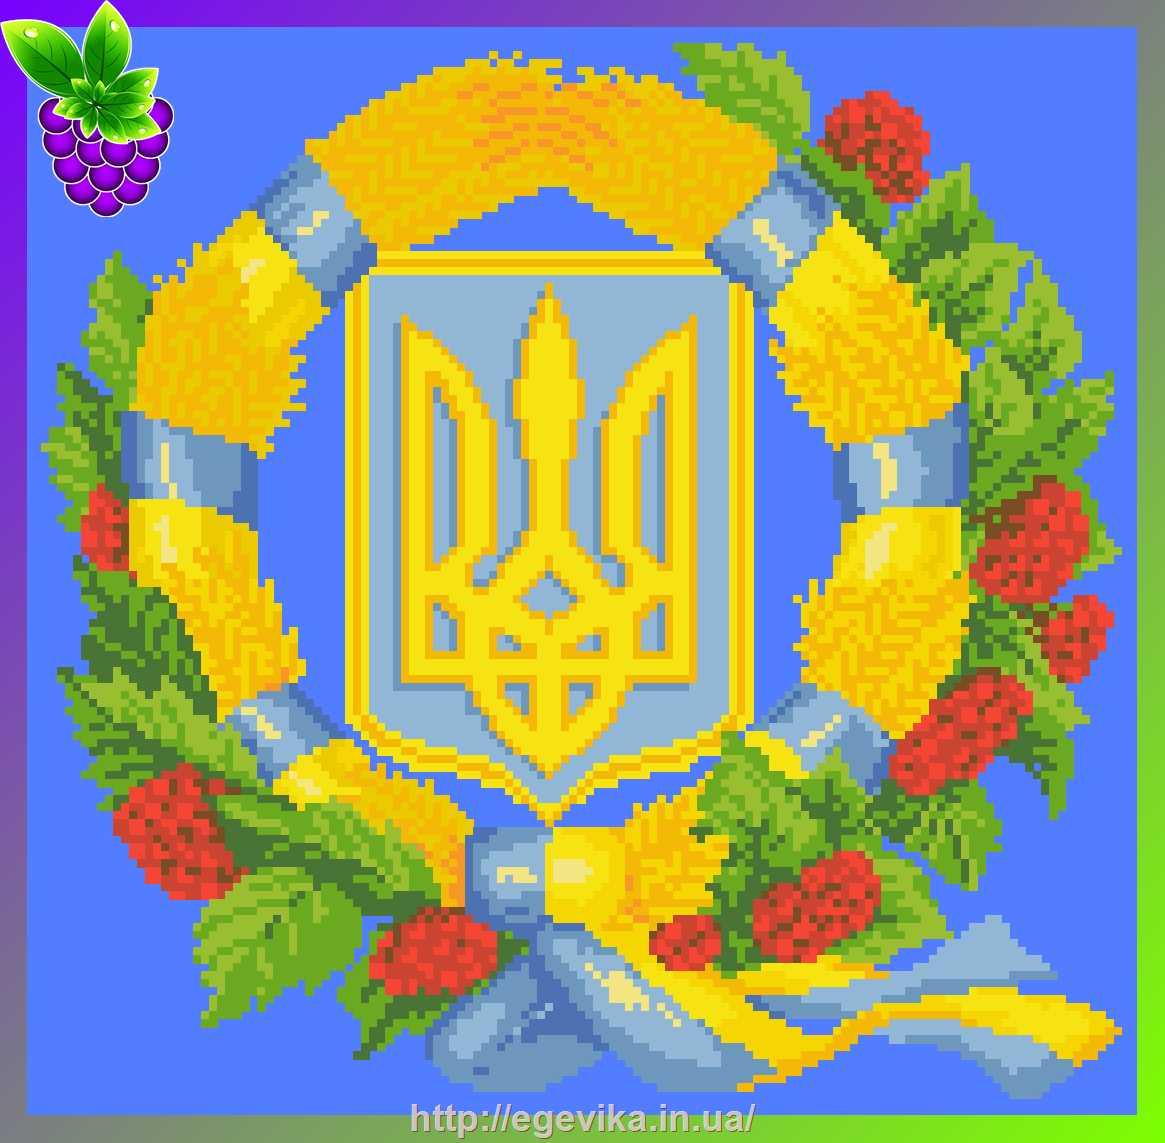 Вышивка украинского герба